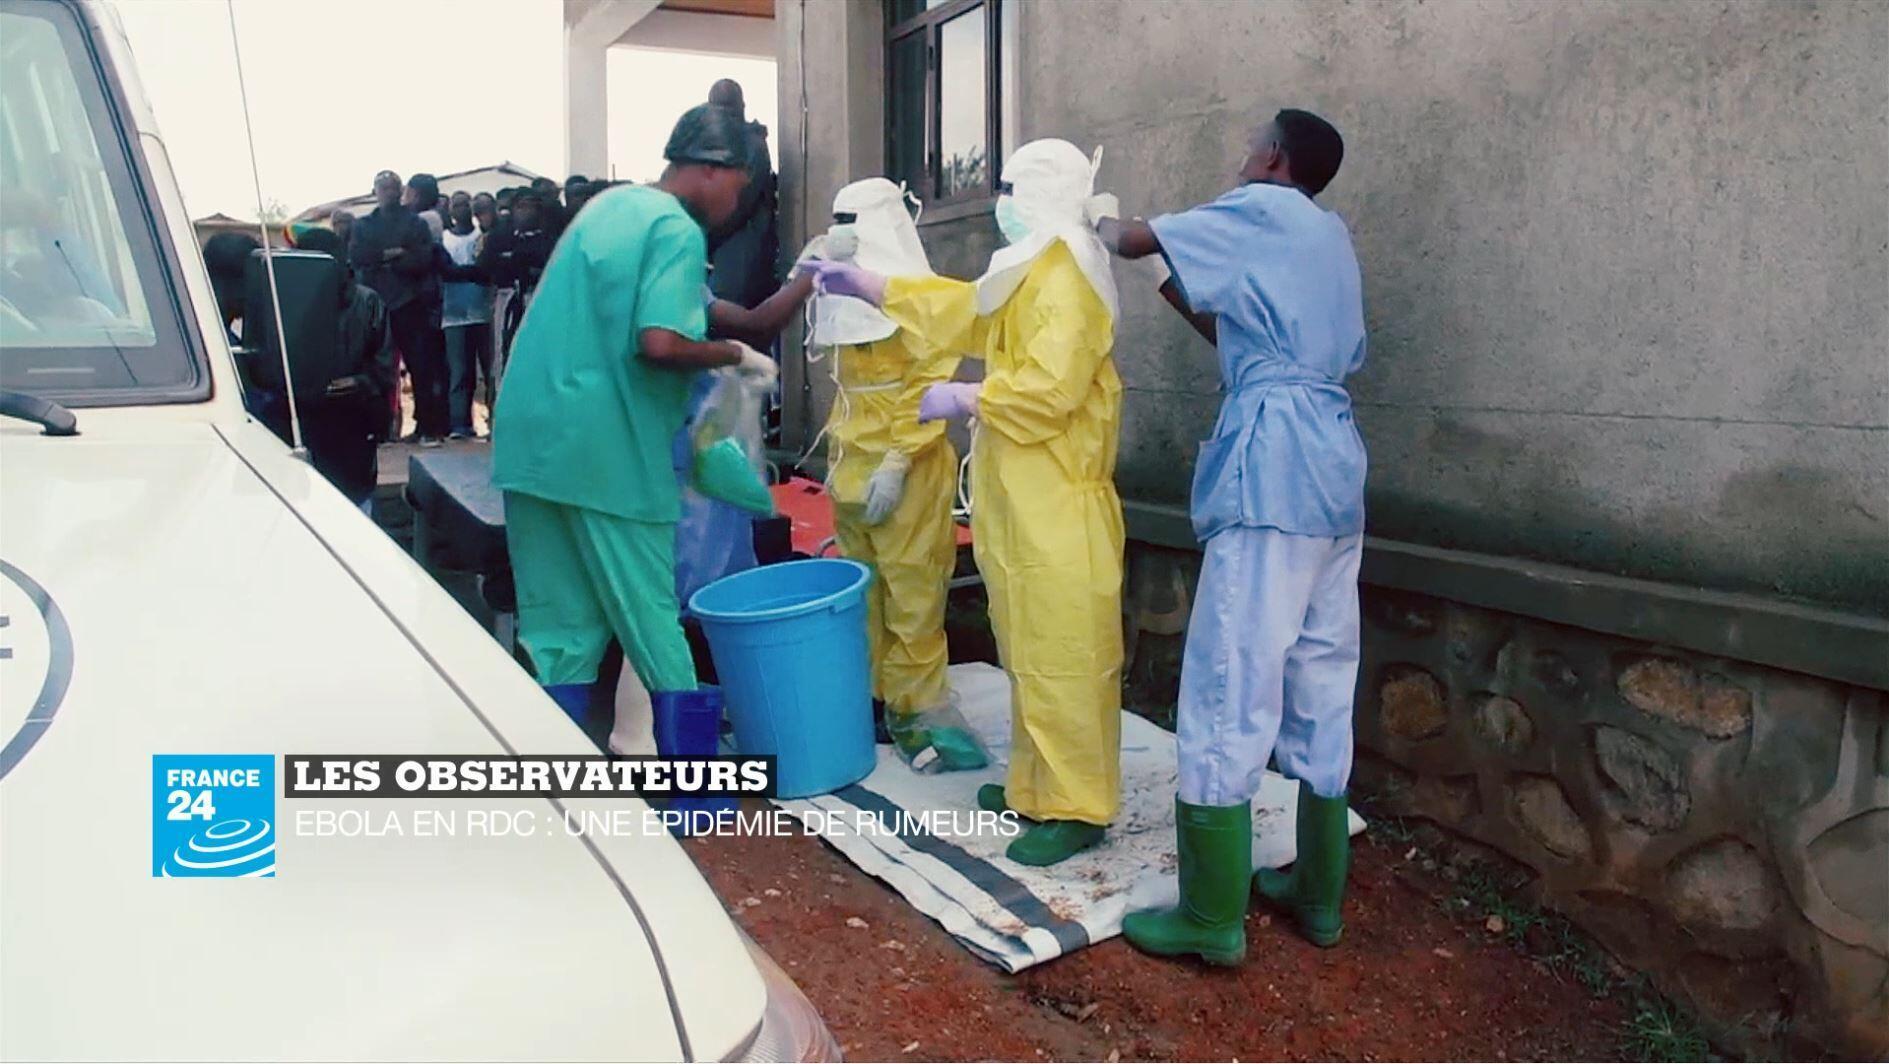 Les équipes médicales enRDCongo doivent se battre contre le virus Ebola et contre les rumeurs.